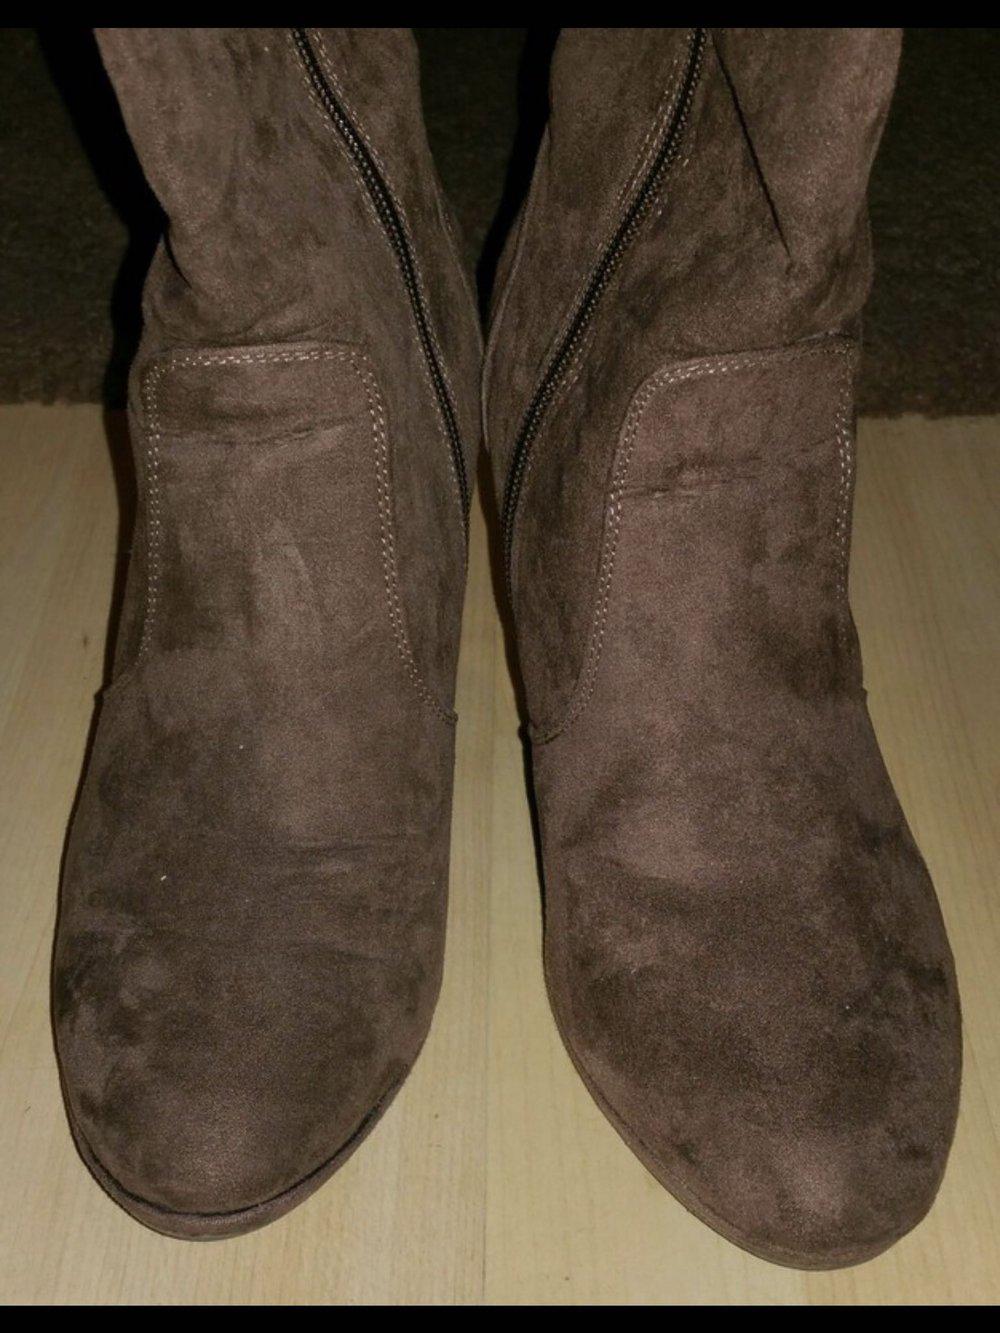 sale professionelles Design Rabatt bis zu 60% Wie neu braune sexy Wildleder Stiefel Deichmann 38 Stilettos High Heels  bequem weich Reißverschluss